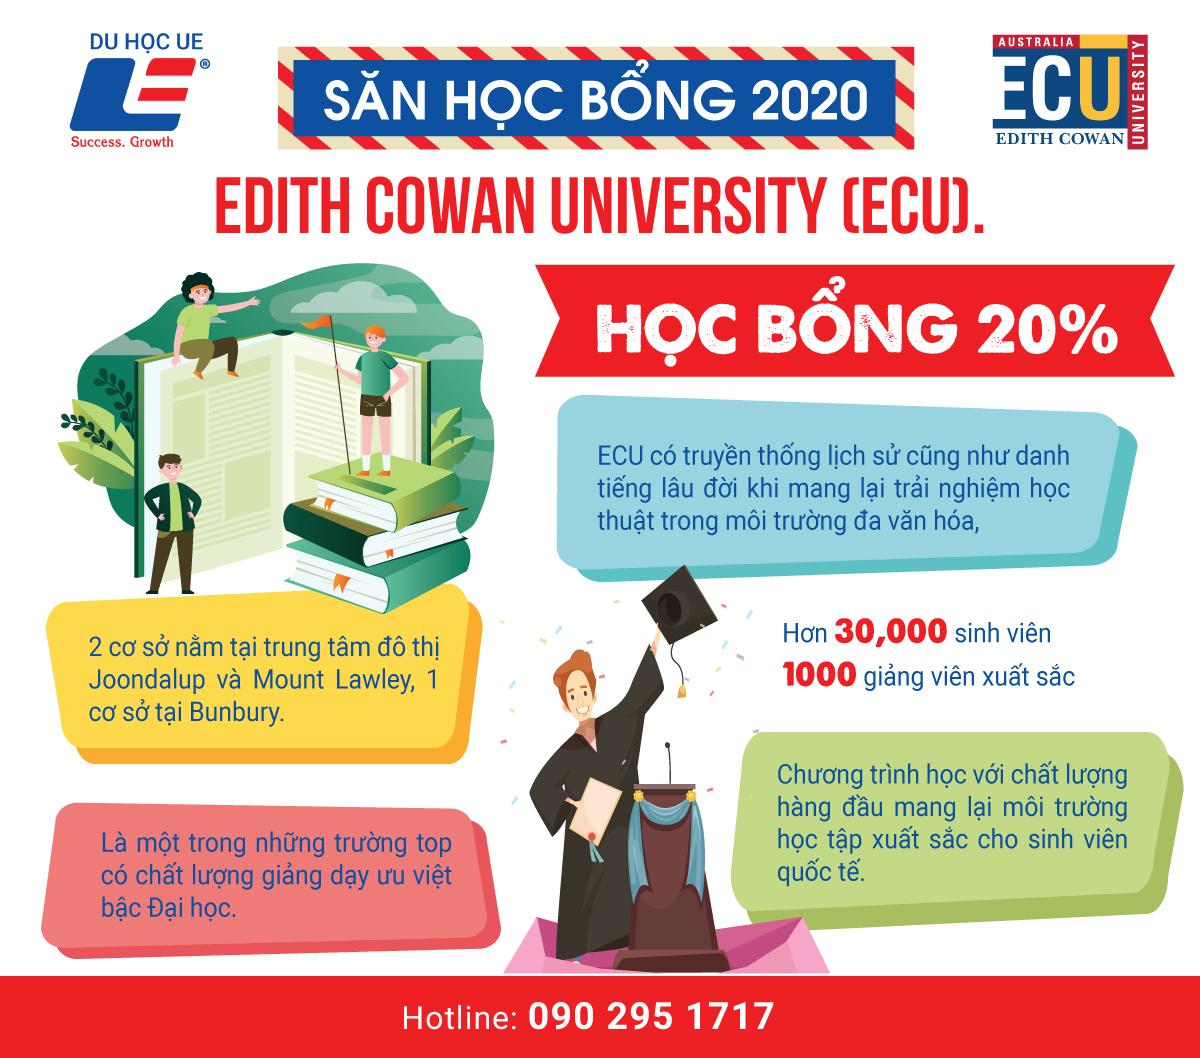 Sẵn sang chinh phục thế giới với học bổng 20% tại Edith Cowan University